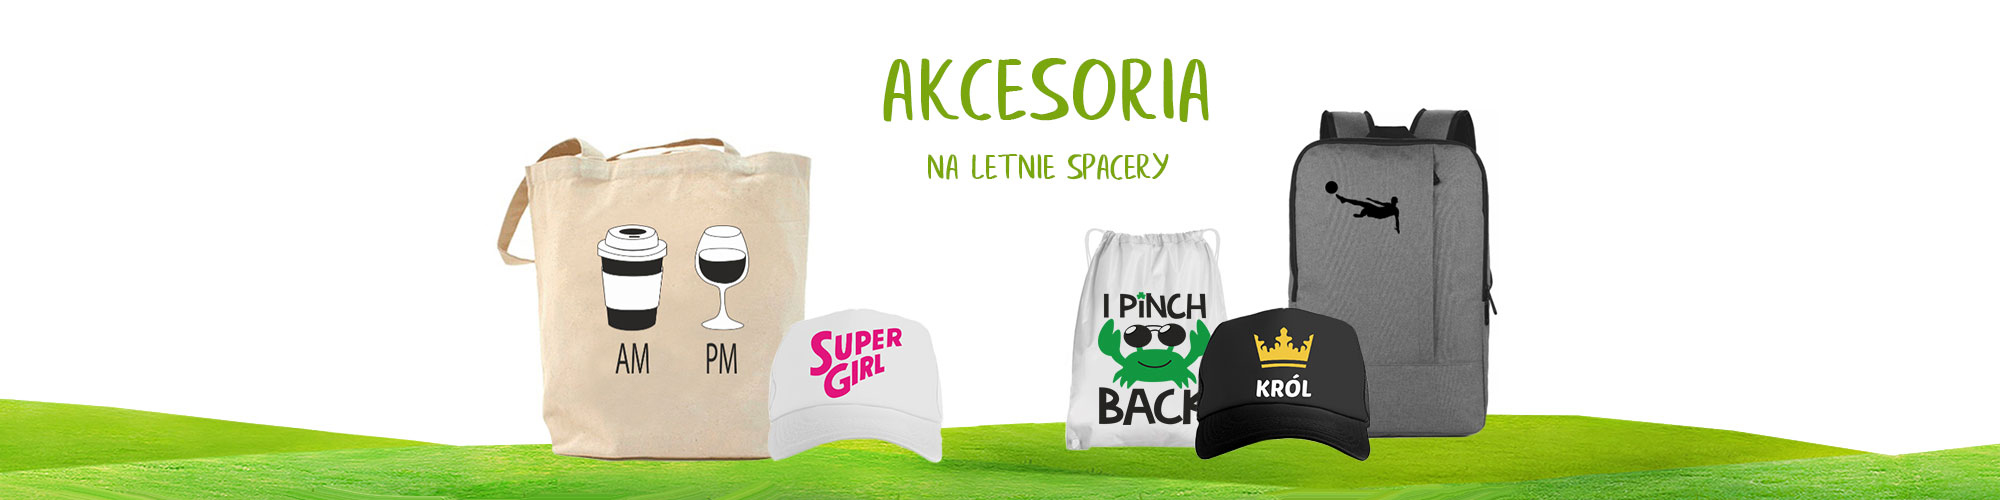 akcesoria-pl